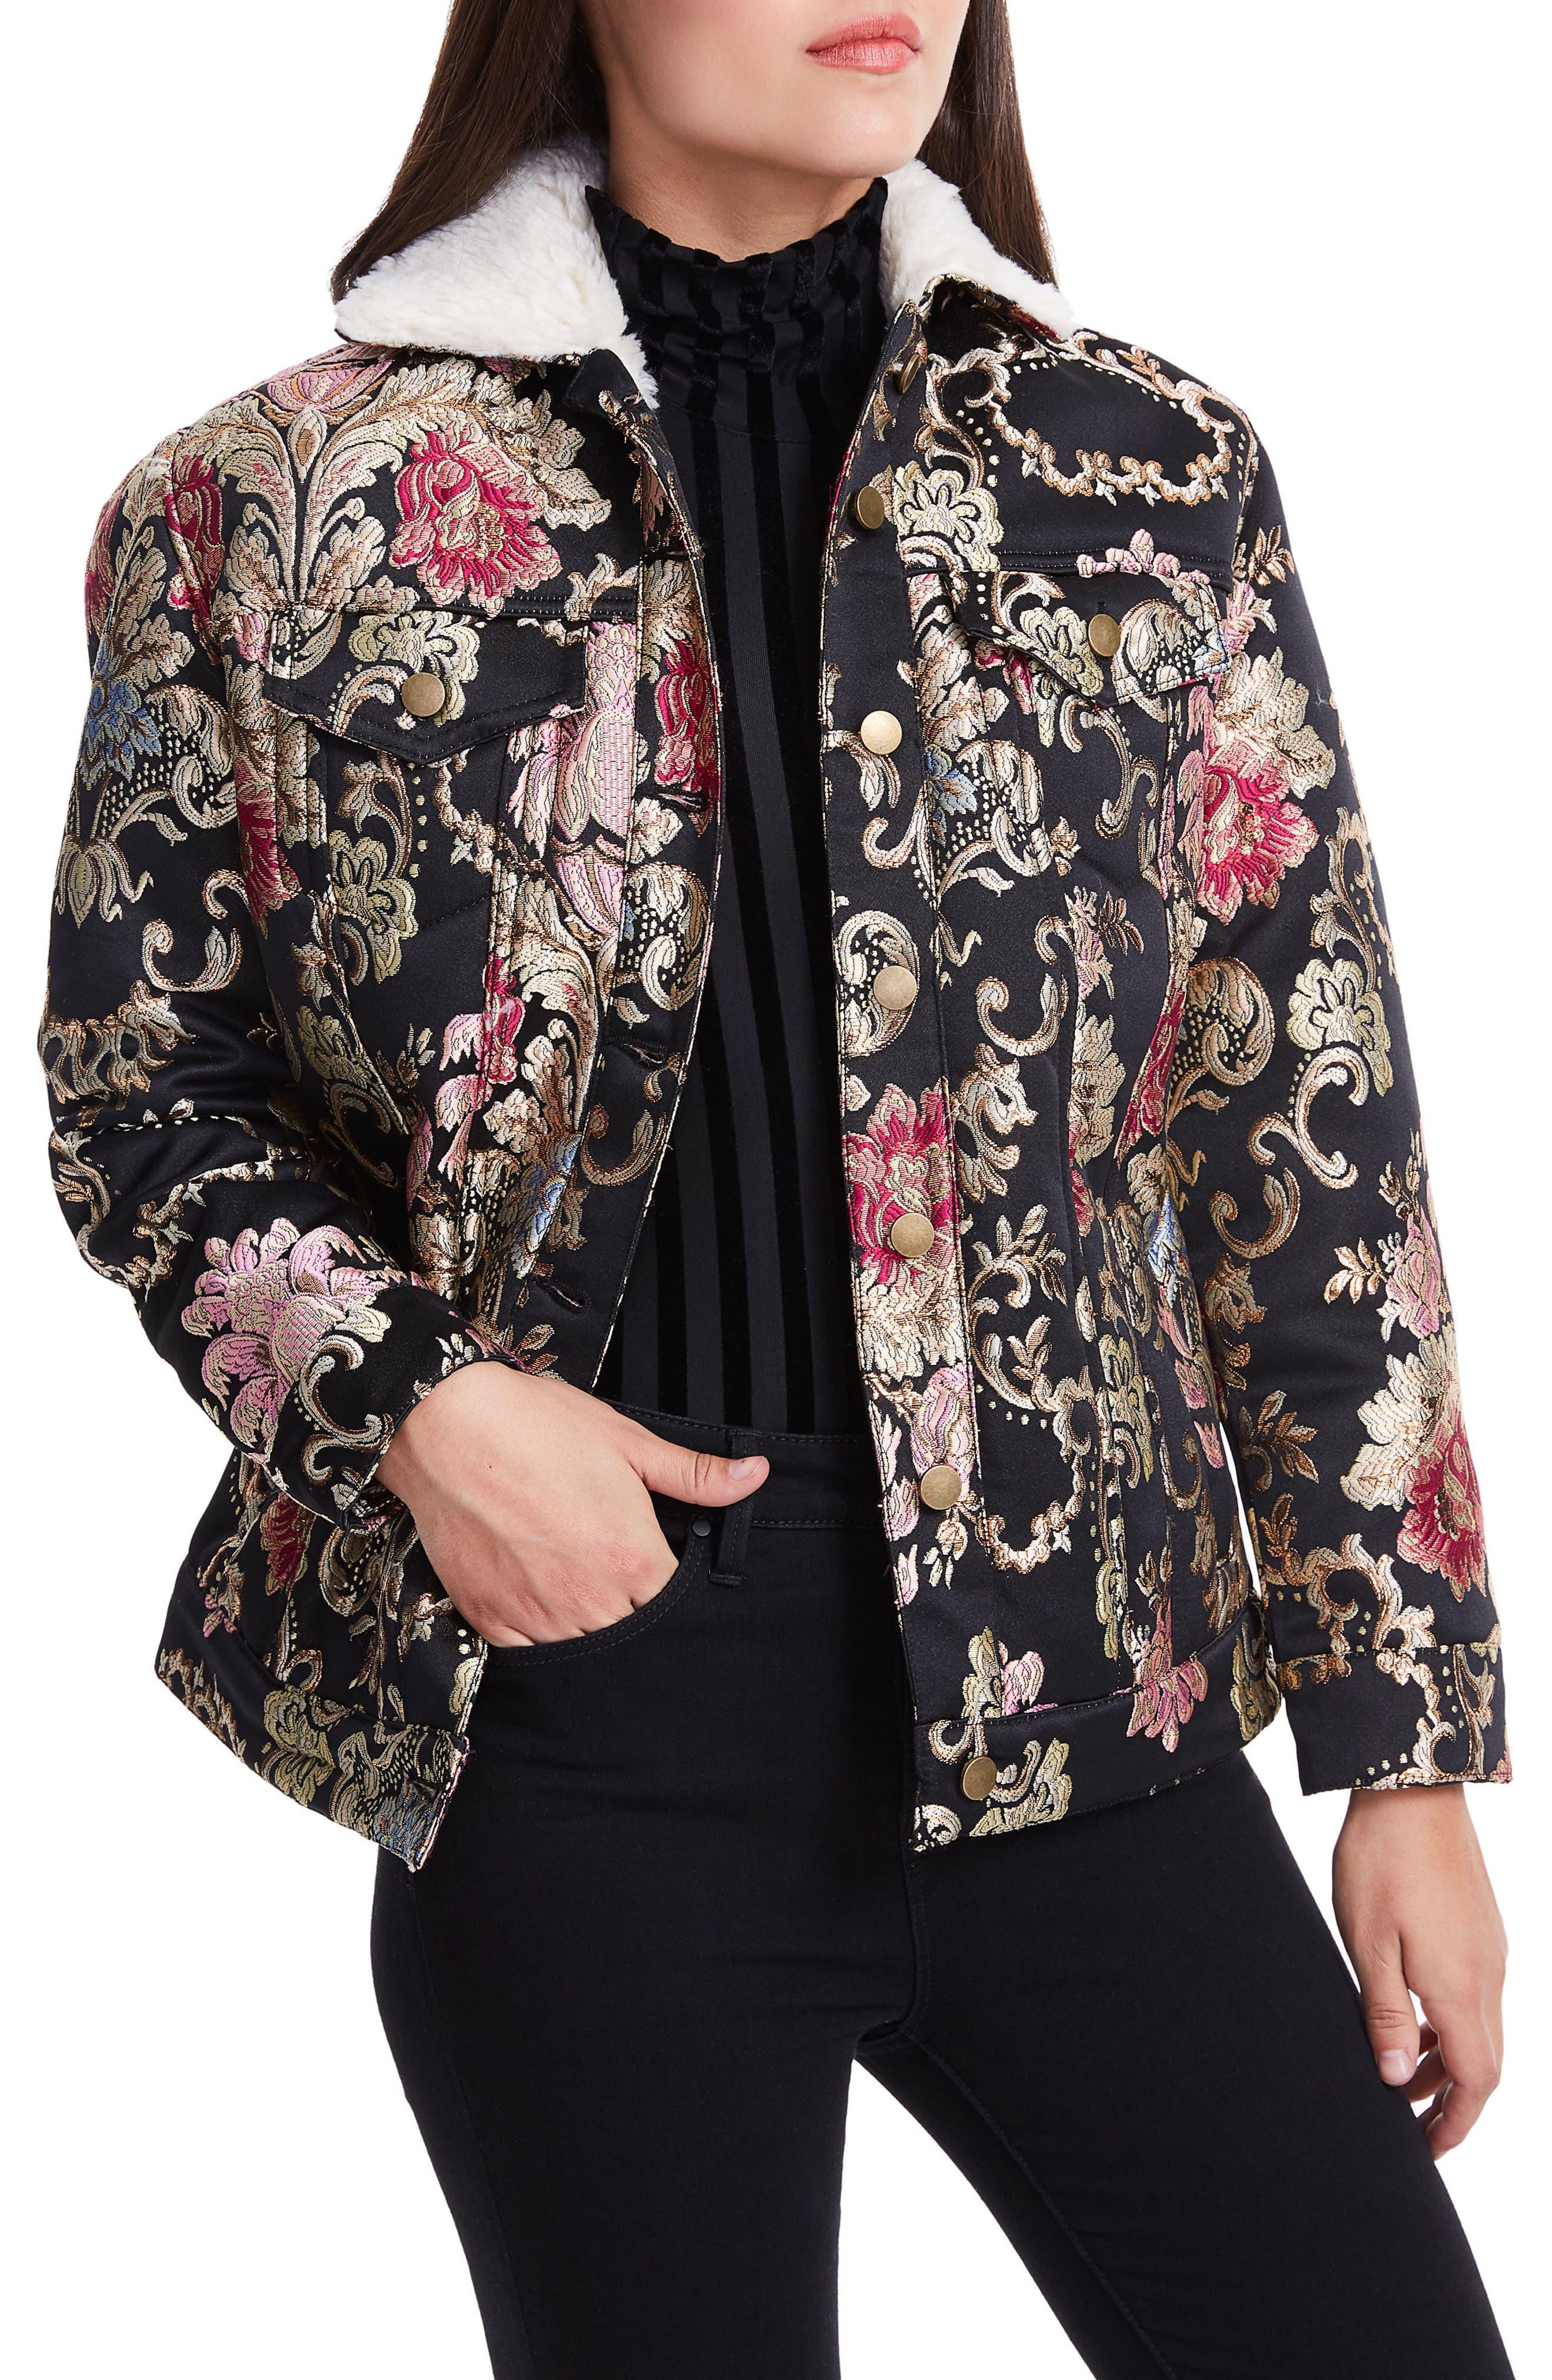 AFRM Jacquard Jacket